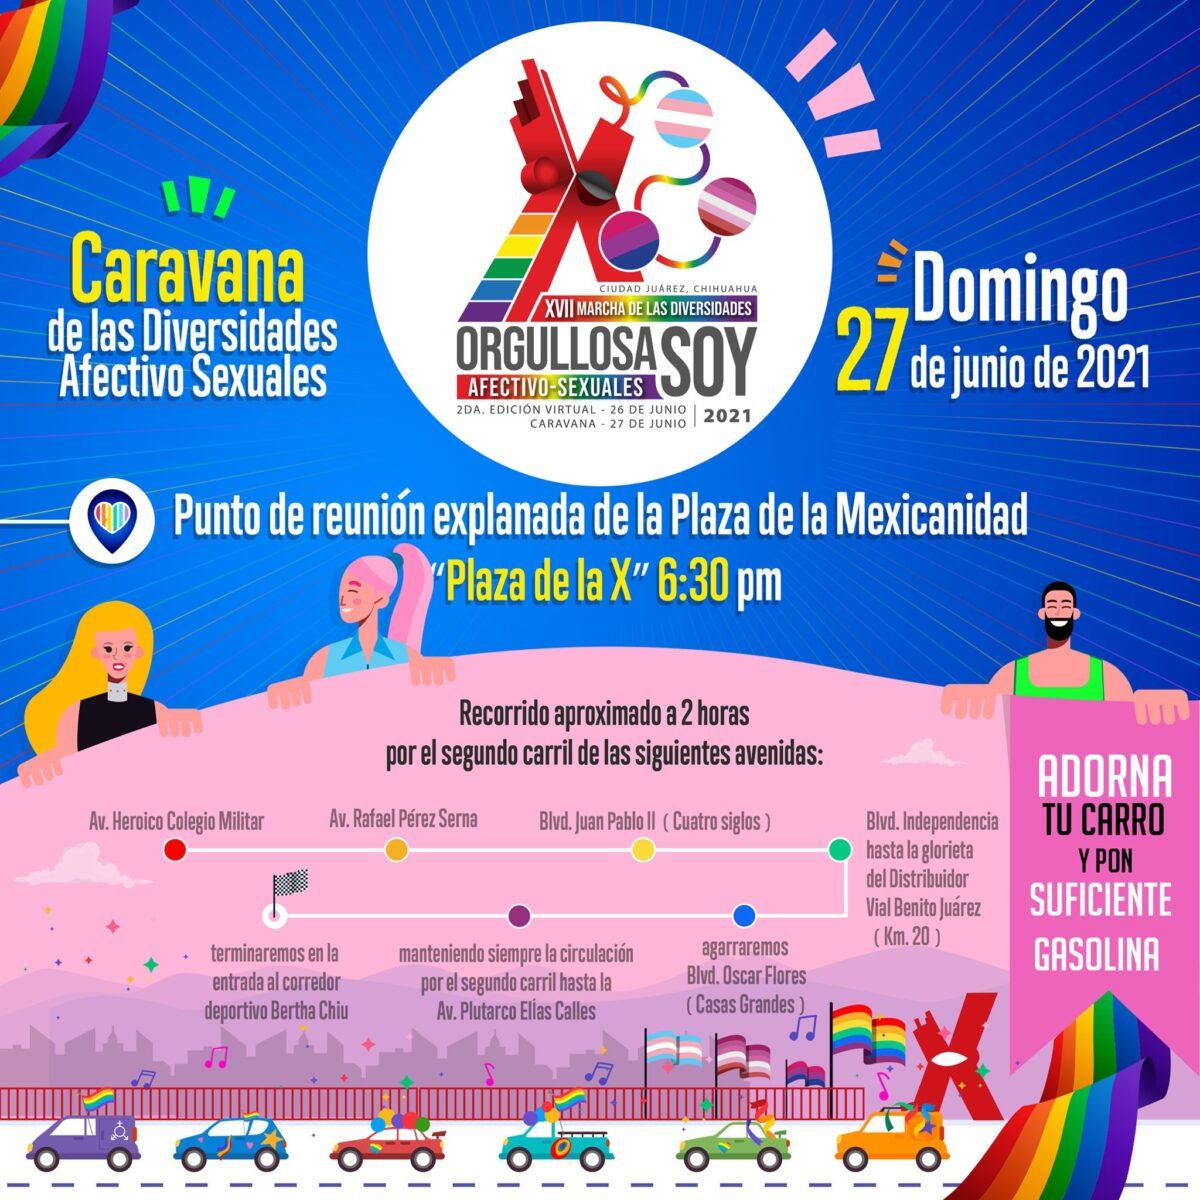 caravana diversidades afectivo sexuales 2021 ciudad juárez